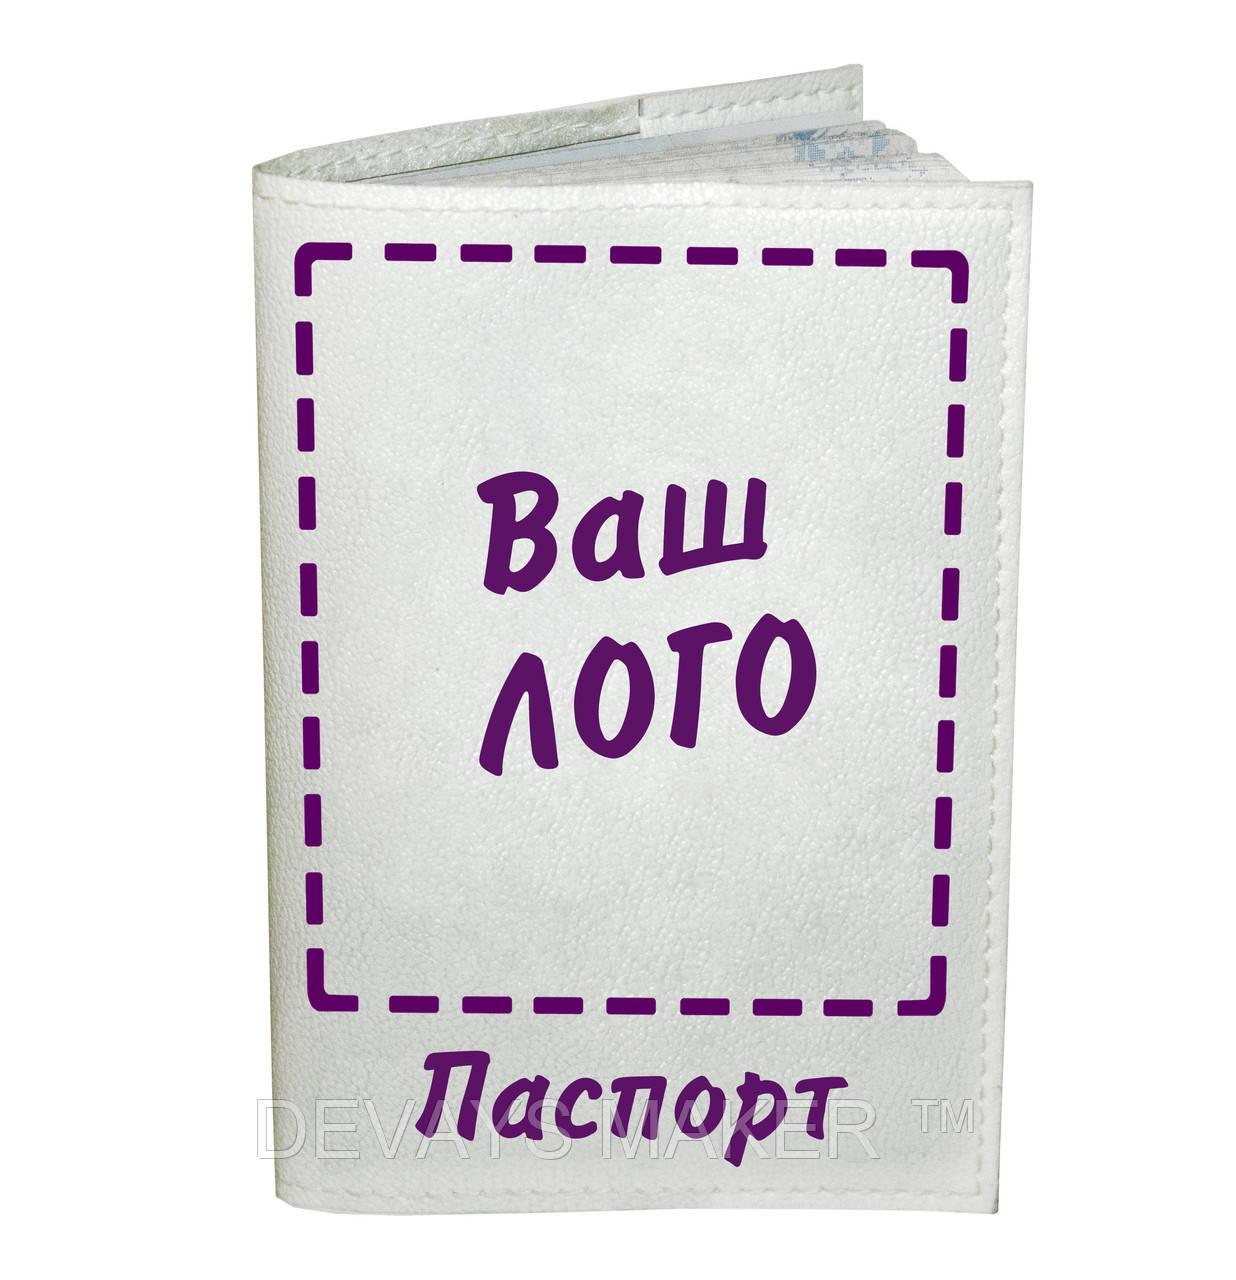 Обложка для паспорта Кожзам без каркасса